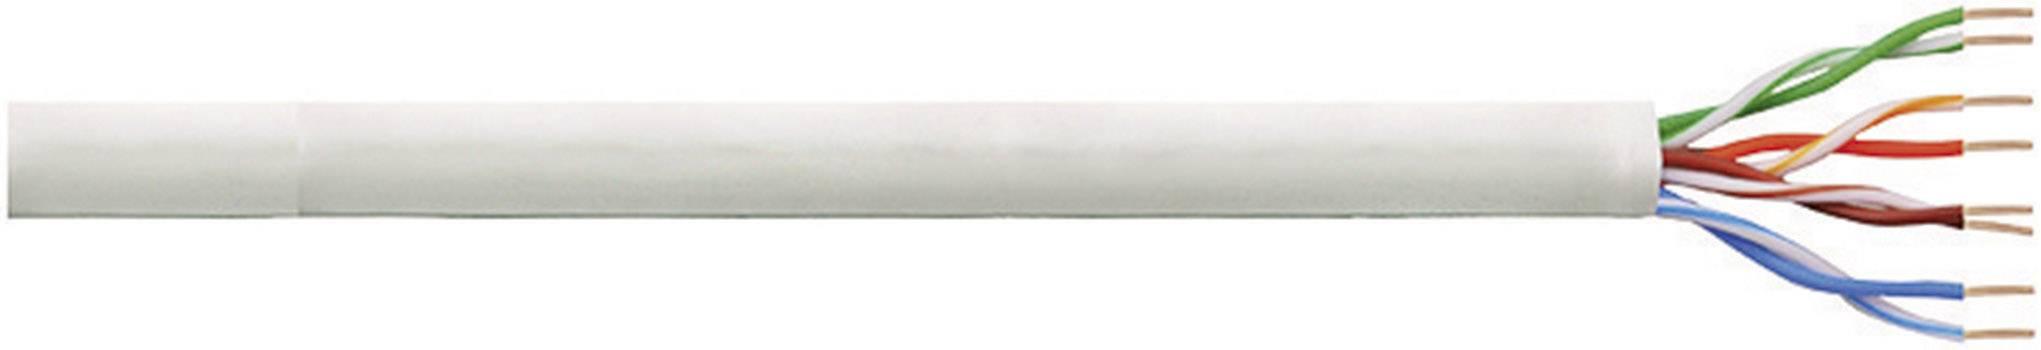 Instalační kabel LogiLink CAT5E U/UTP, šedá, 100 m